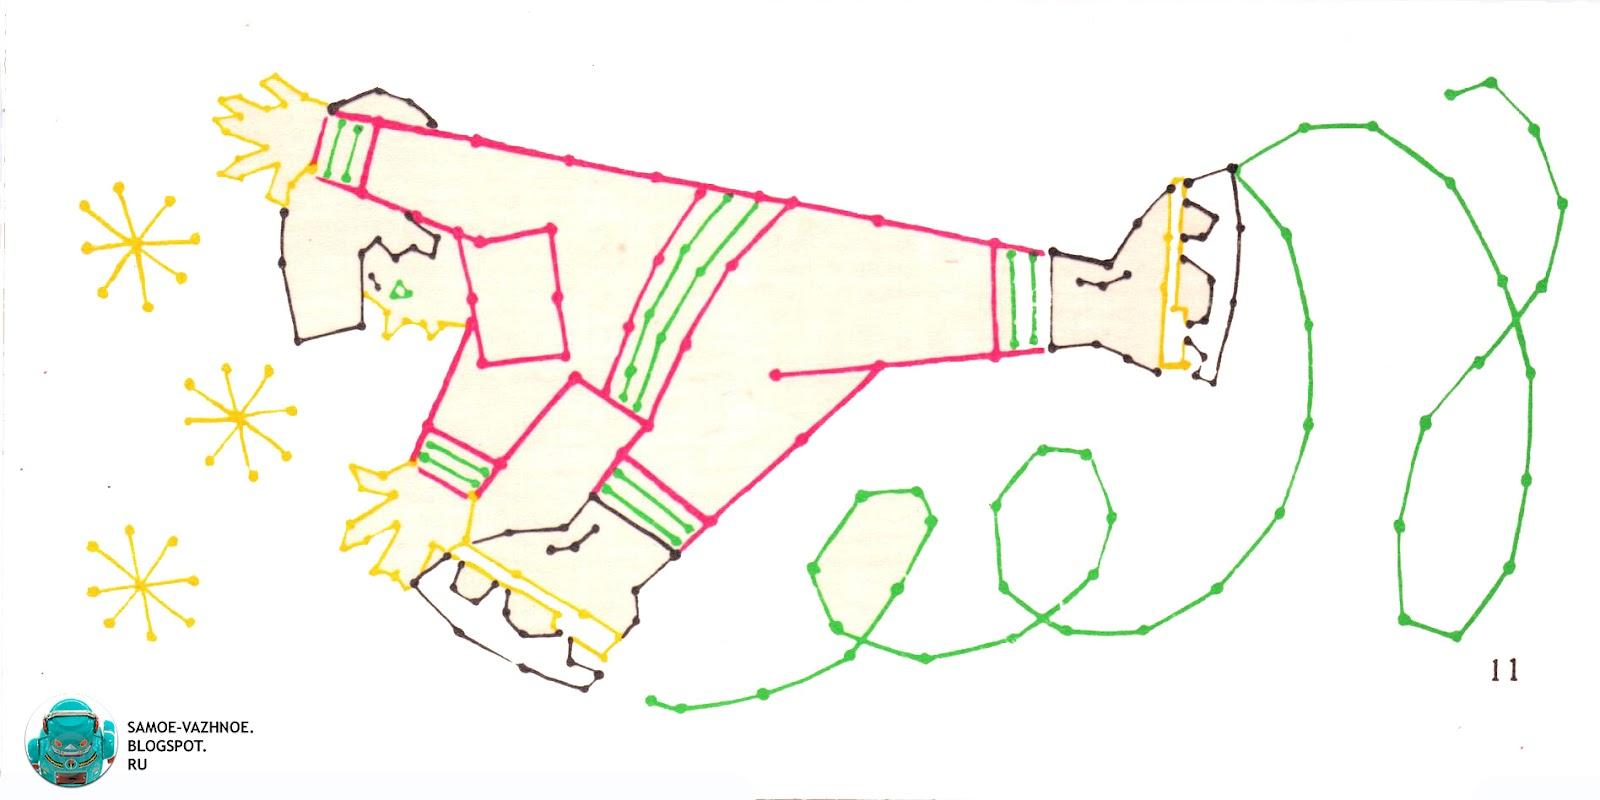 Вышивка на бумаге нитками схемы для начинающих